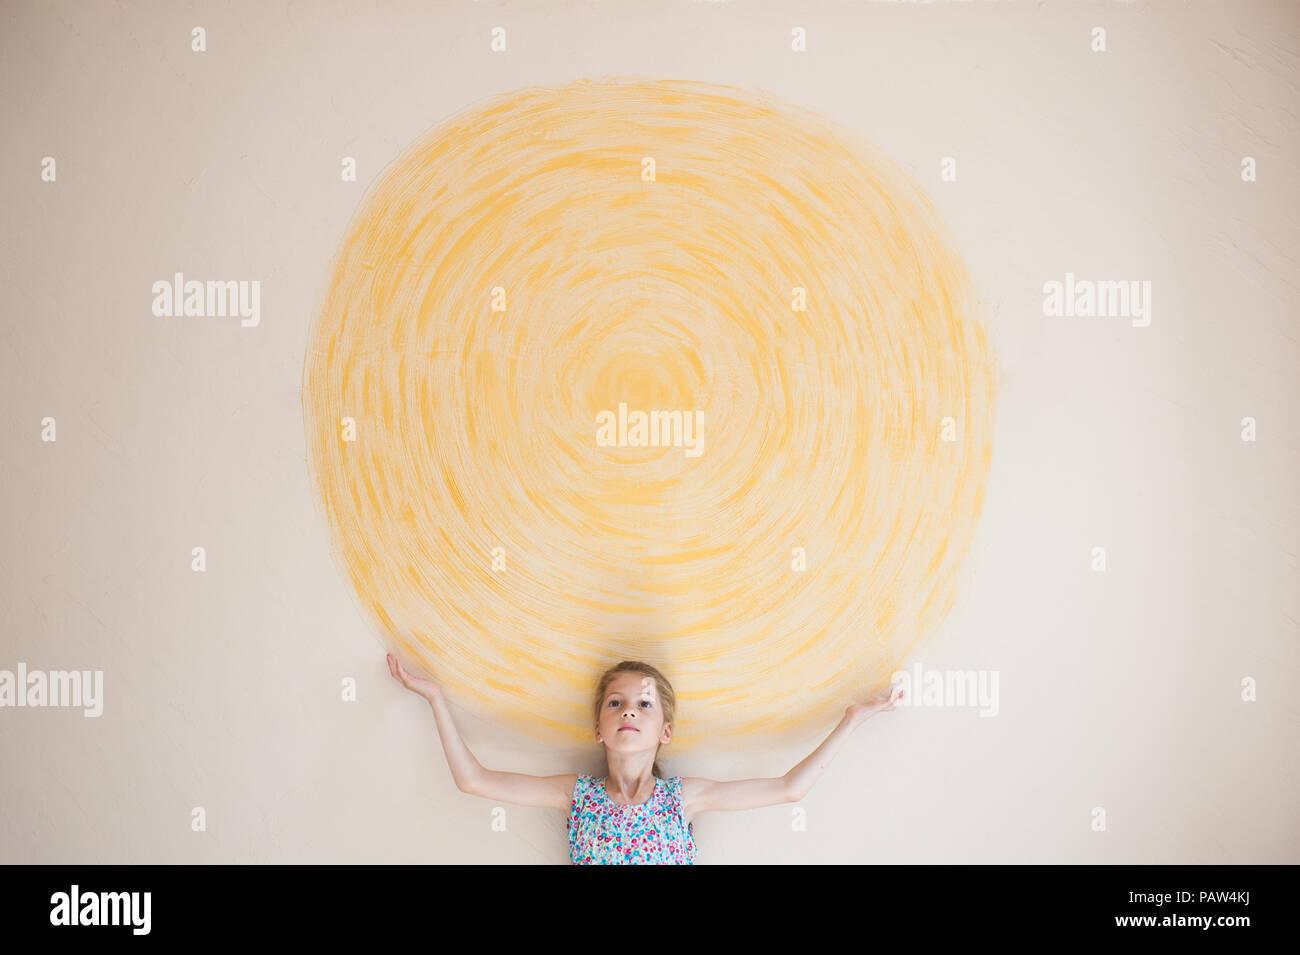 Concetto di bella ragazza caucasica azienda sun dipinta sulla parete gialla in ambienti interni Immagini Stock